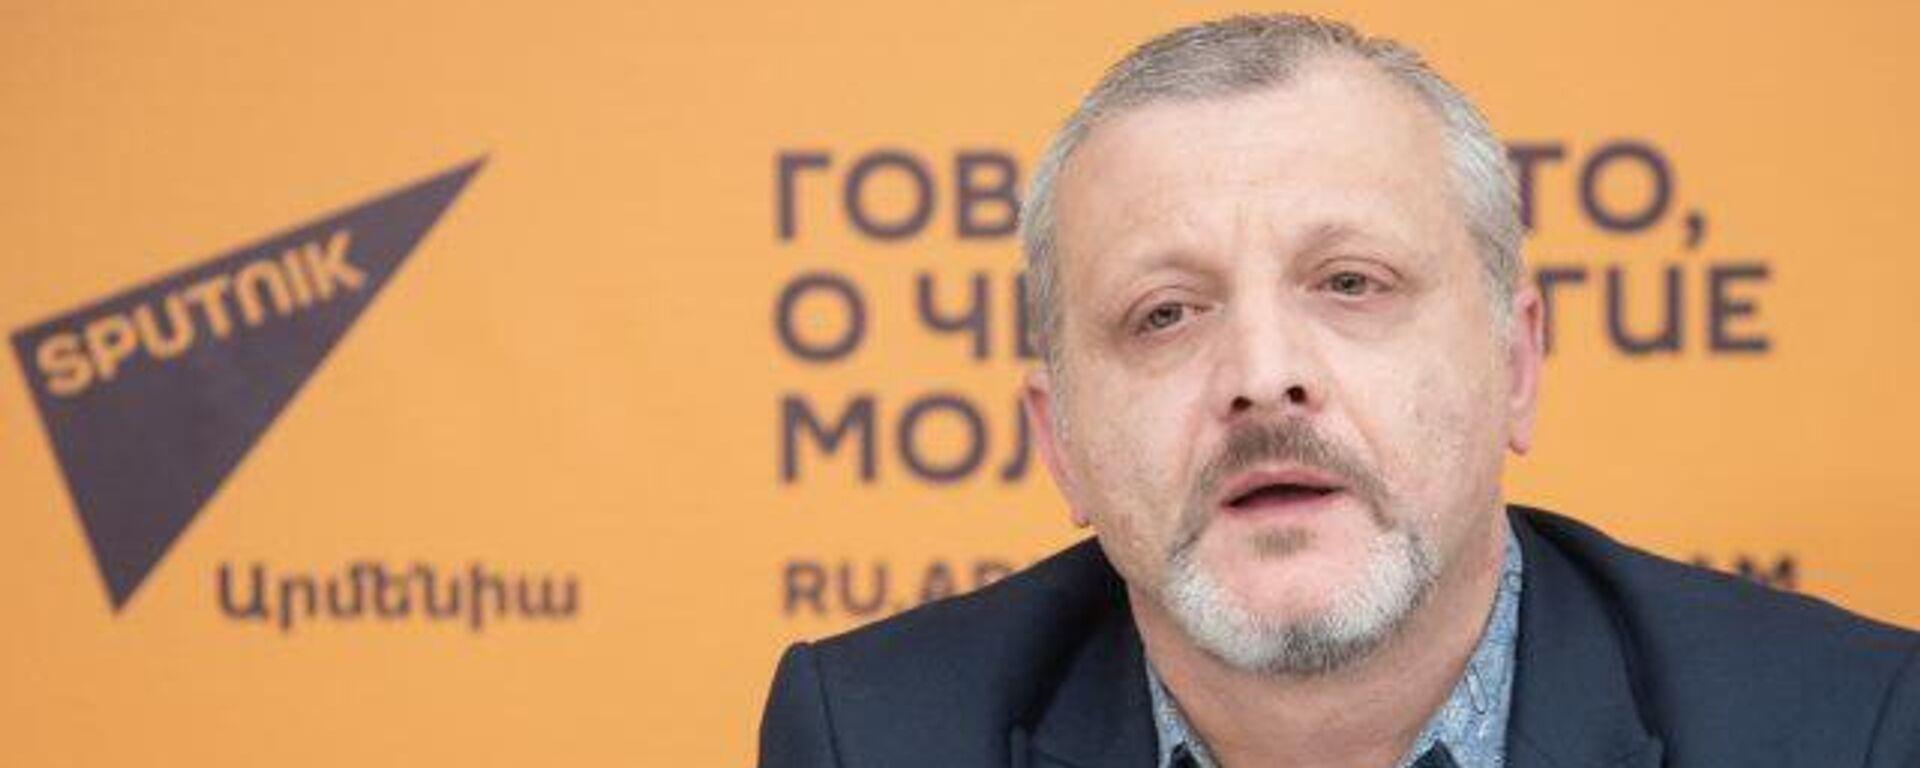 «Էրդողանը չի ստում. նա վկայակոչել է Վրաստանի վարչապետին». Սուրեն Սուրենյանց - Sputnik Արմենիա, 1920, 21.09.2021